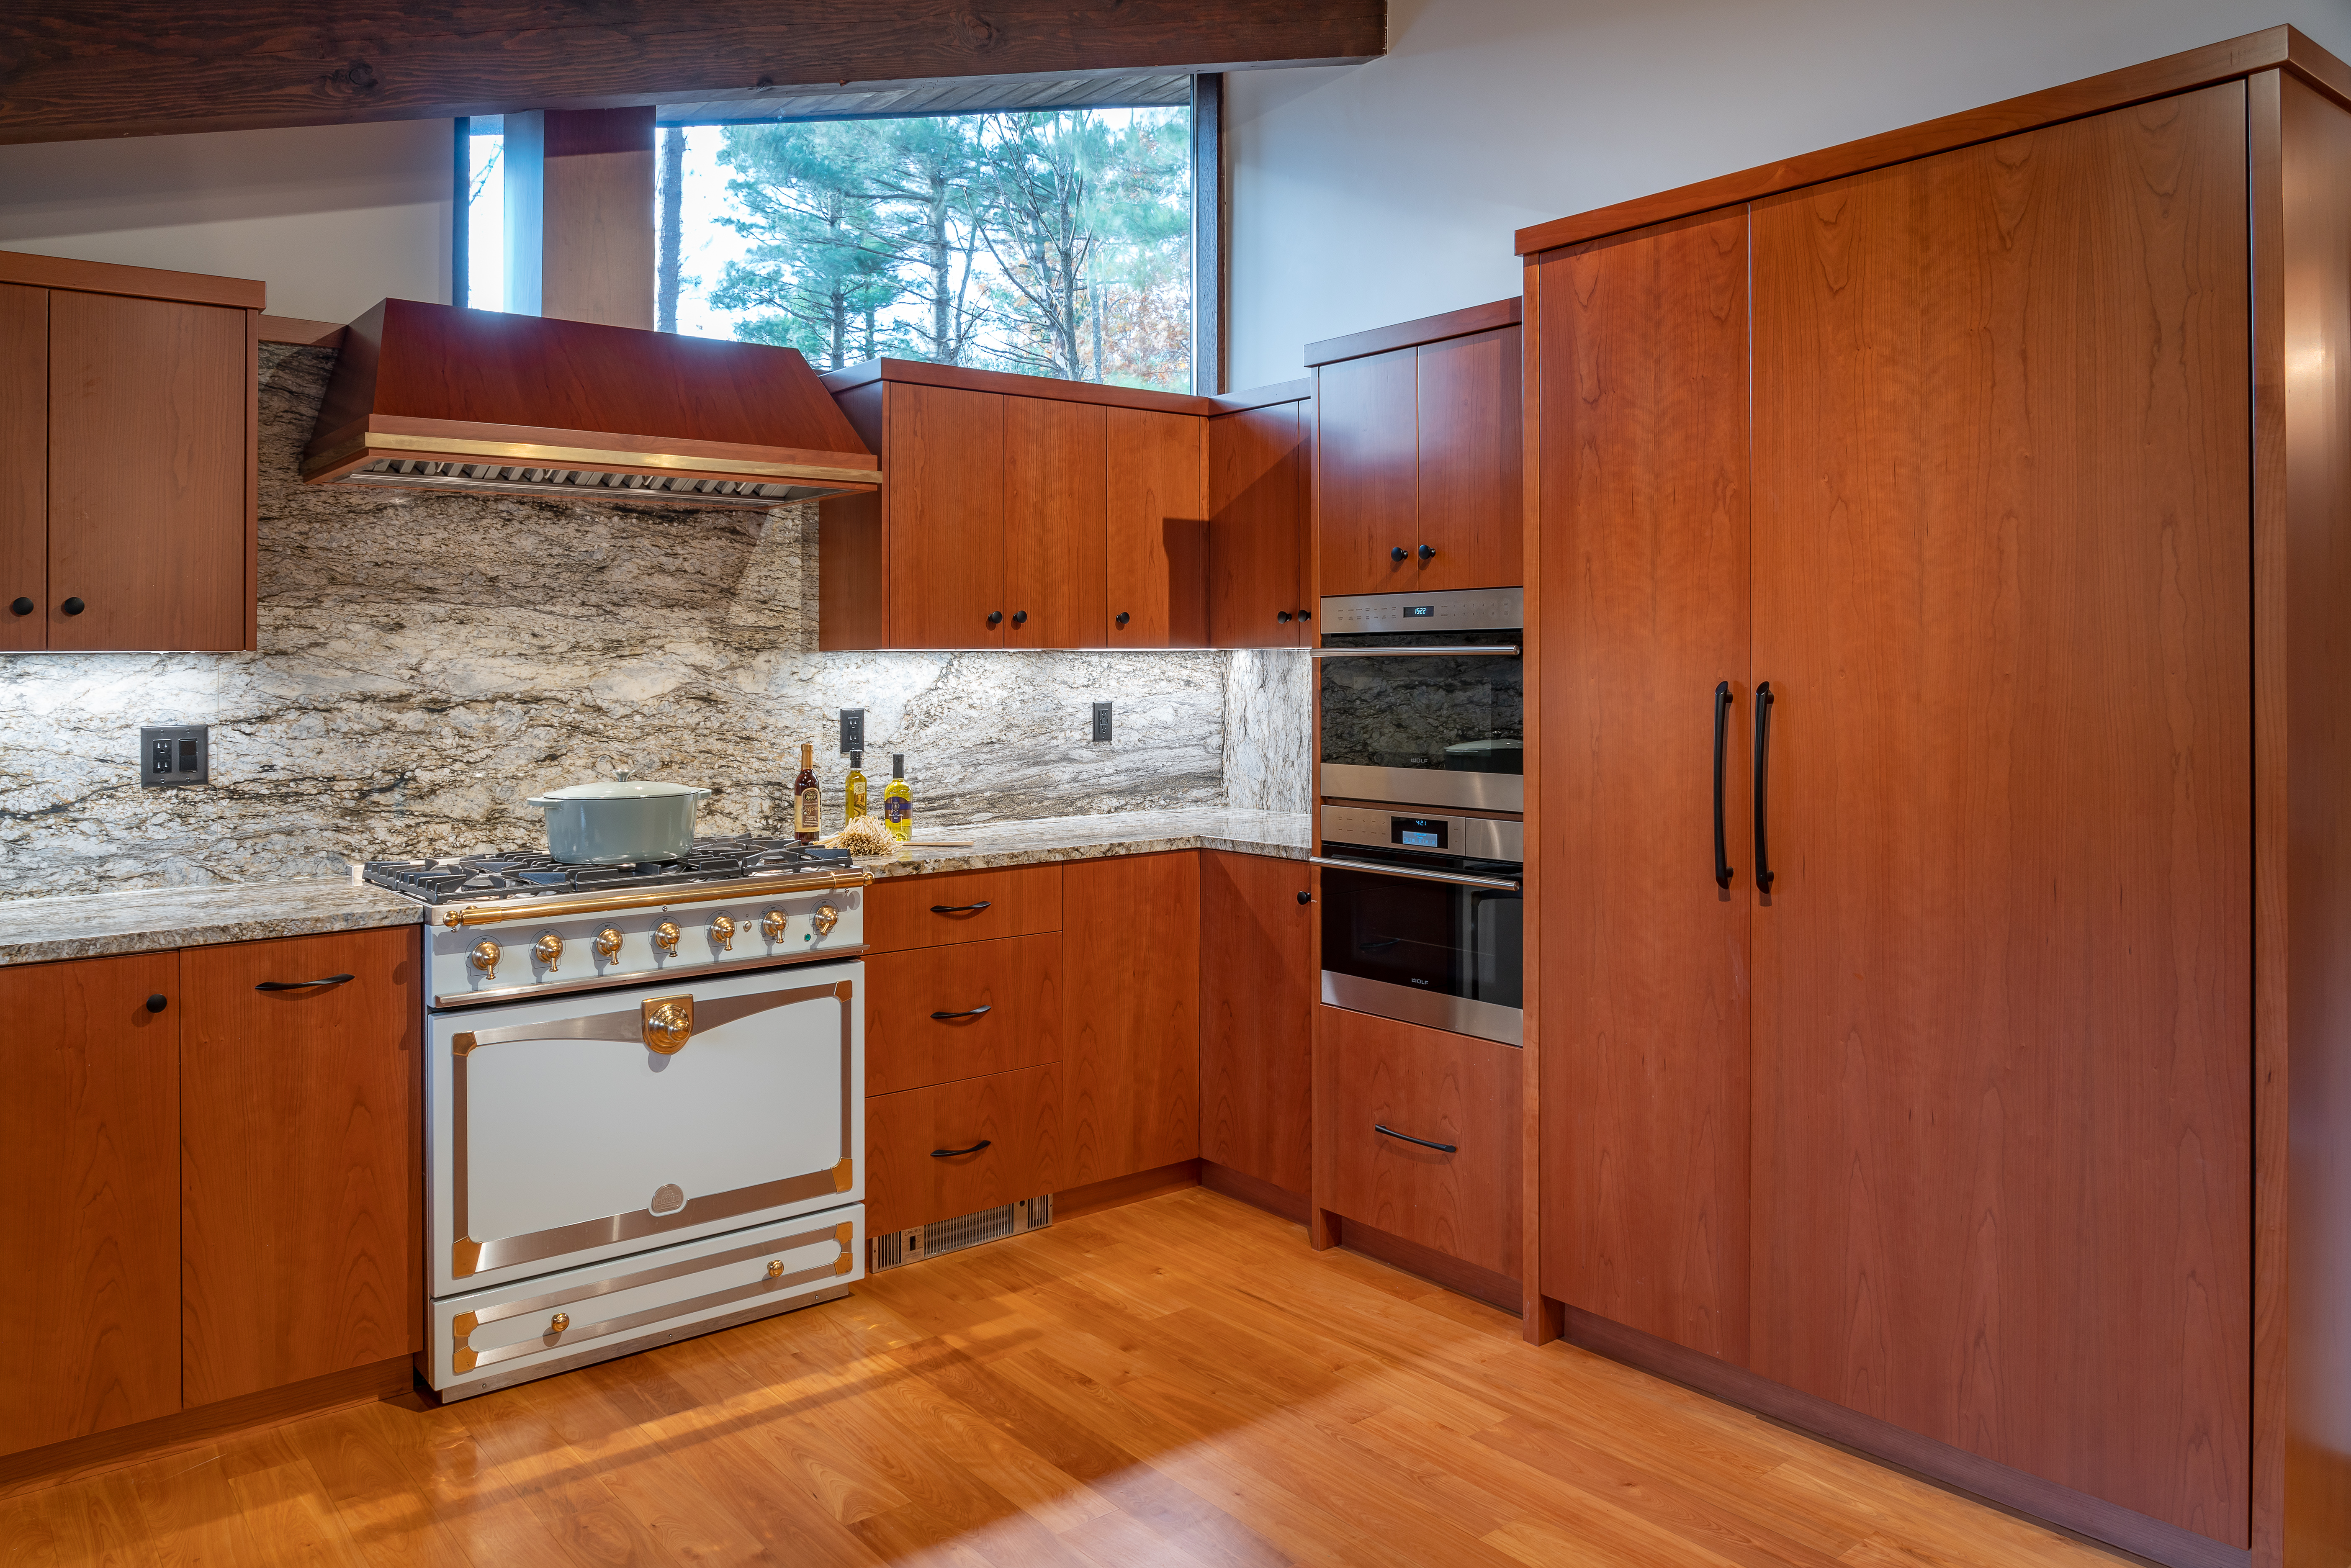 kitchen renovation in weston, massachusetts